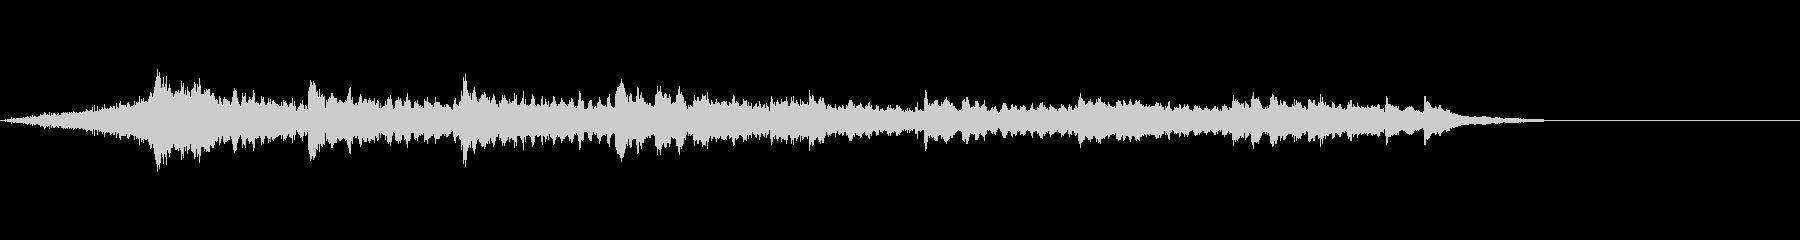 シネマティックなトレーラー風ピアノ11Dの未再生の波形